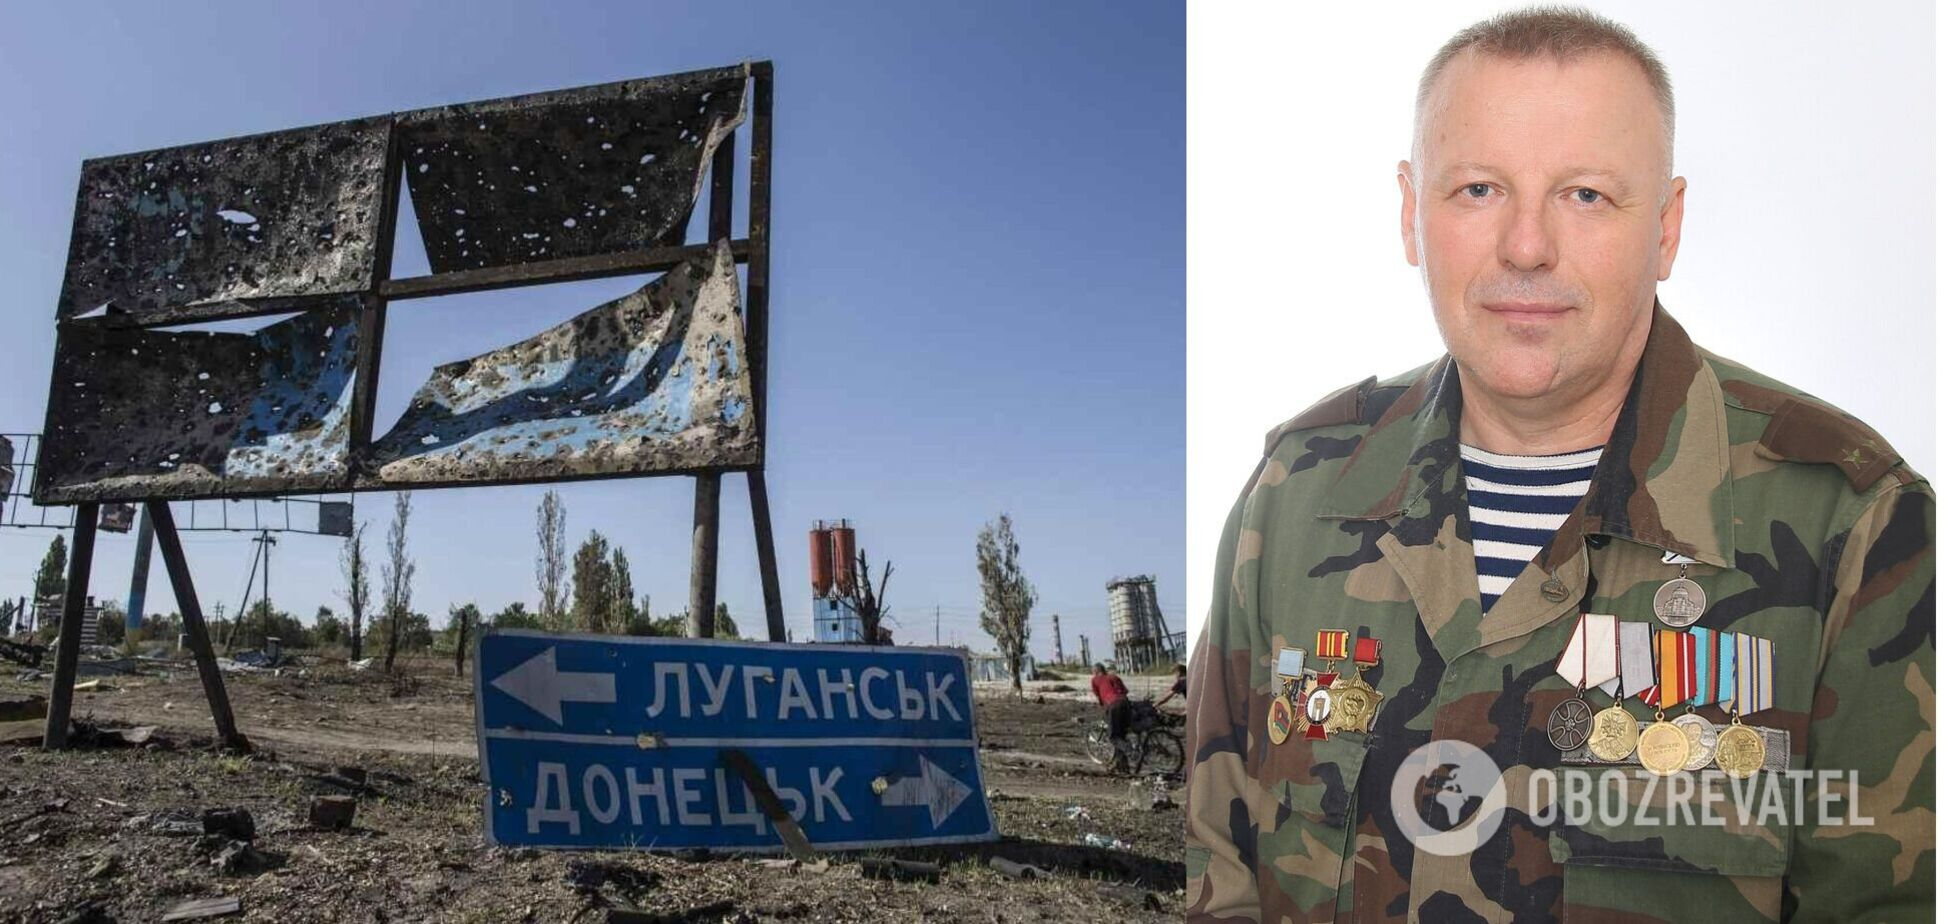 Российский ветеран, у которого друг потерял сына-'киборга', зарекся воевать с Украиной: опубликован манифест